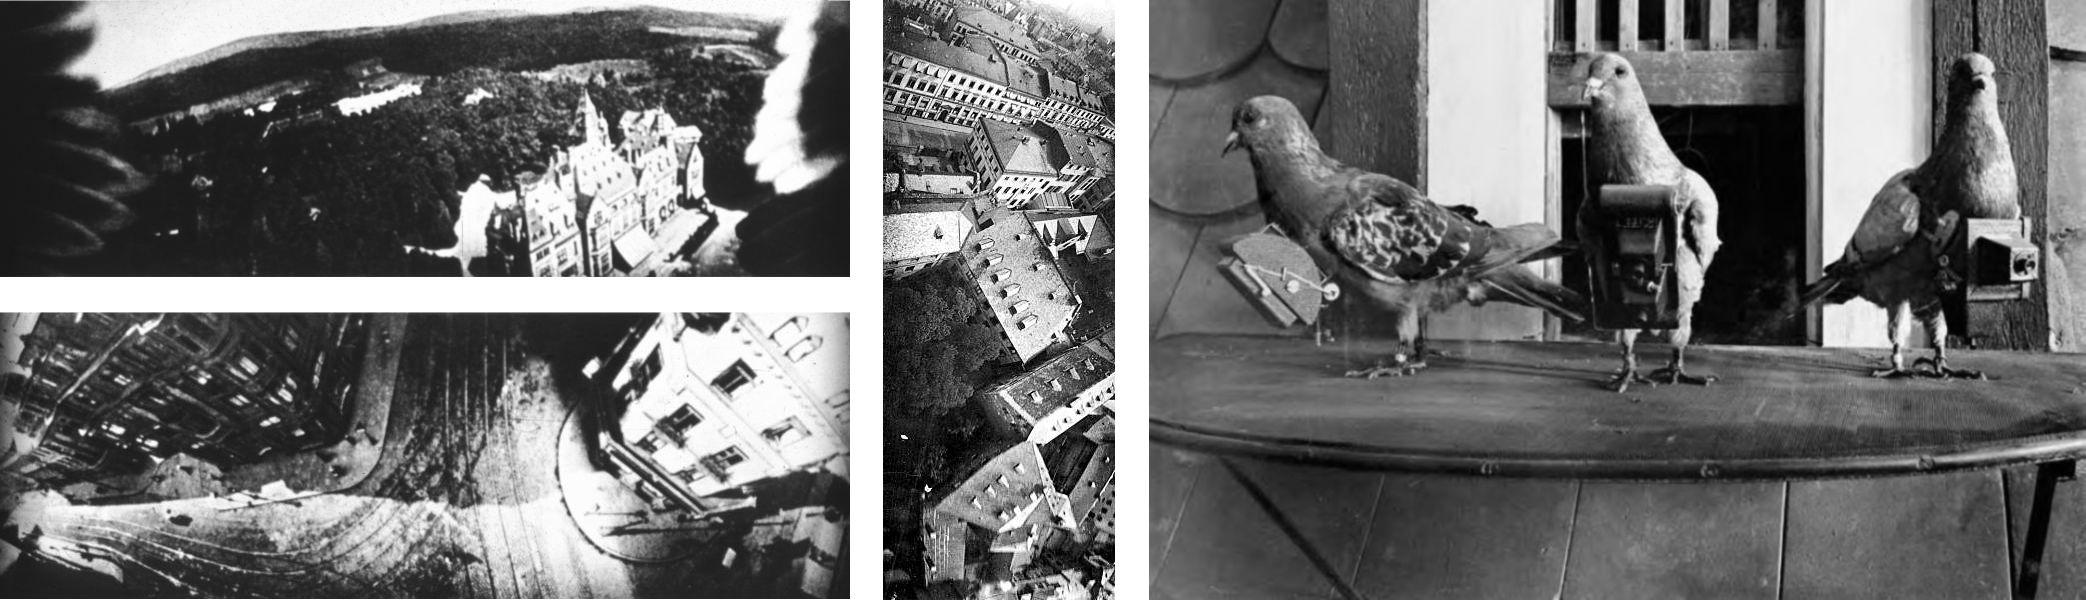 Photographie aérienne insolite, prises de vues par un pigeon photographe